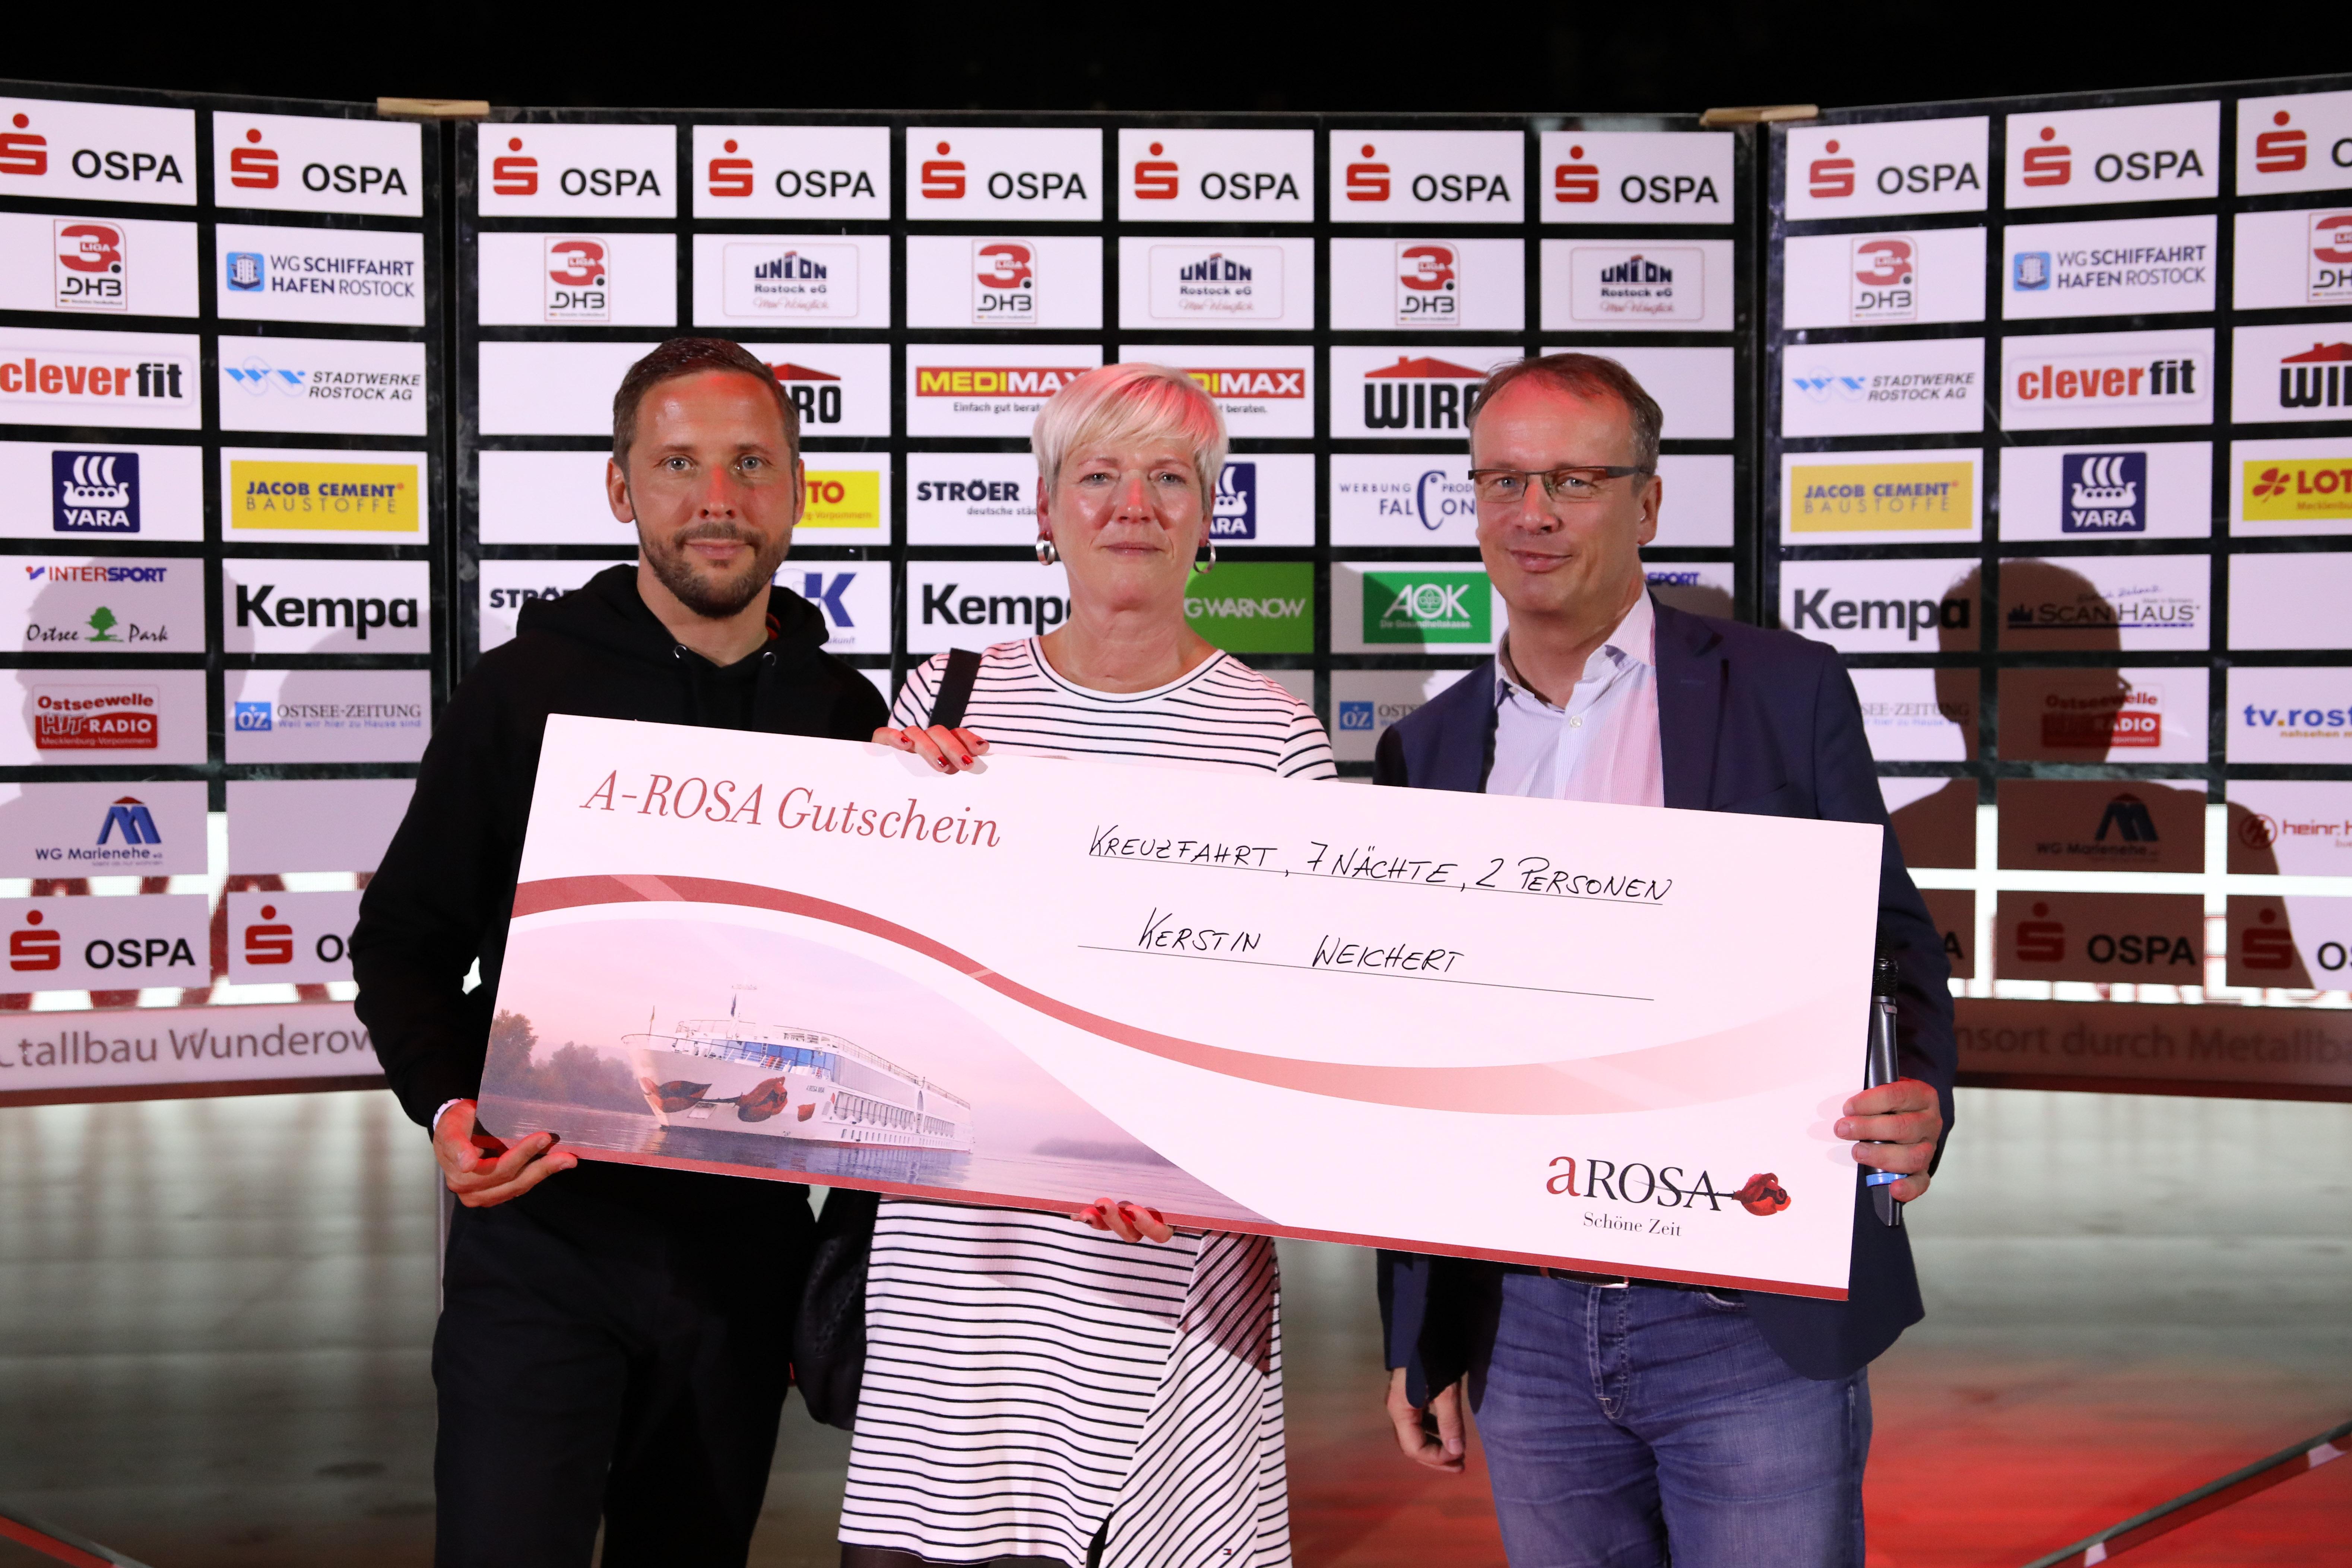 Die Gewinnerin der A-ROSA Kreuzfahrt Kerstin Weichert mit Tobias Woitendorf vom HCE und A-ROSA Geschäftsführer Jörg Eichler (r.)